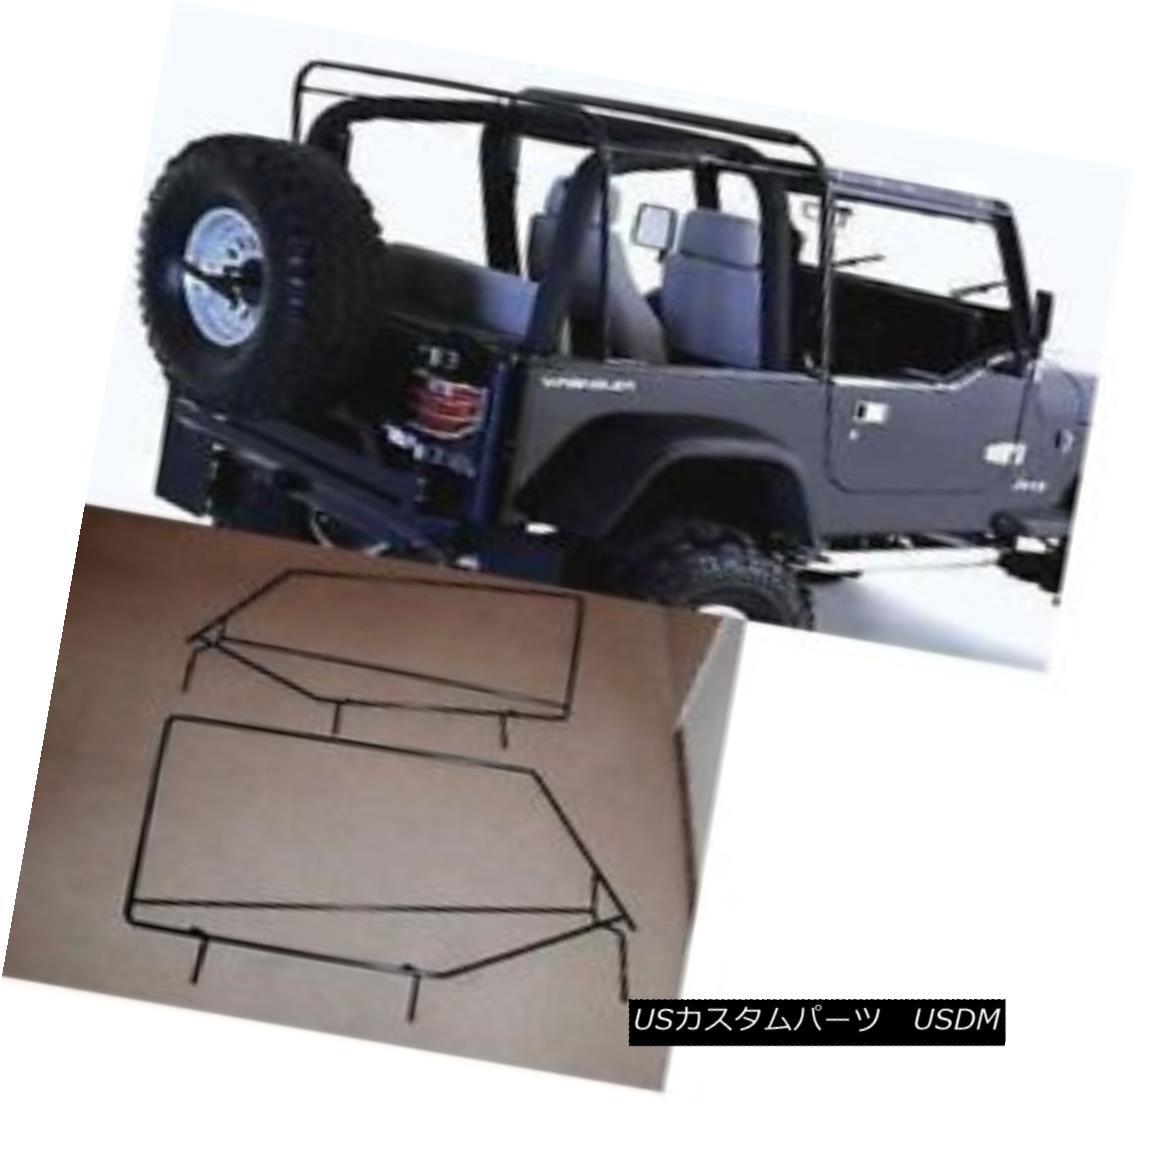 幌・ソフトトップ 88-95 Jeep wrangler soft top hardware frame factory style squared door frames 88-95ジープラングラーソフトトップハードウェアフレーム工場スタイルの四角いドアフレーム